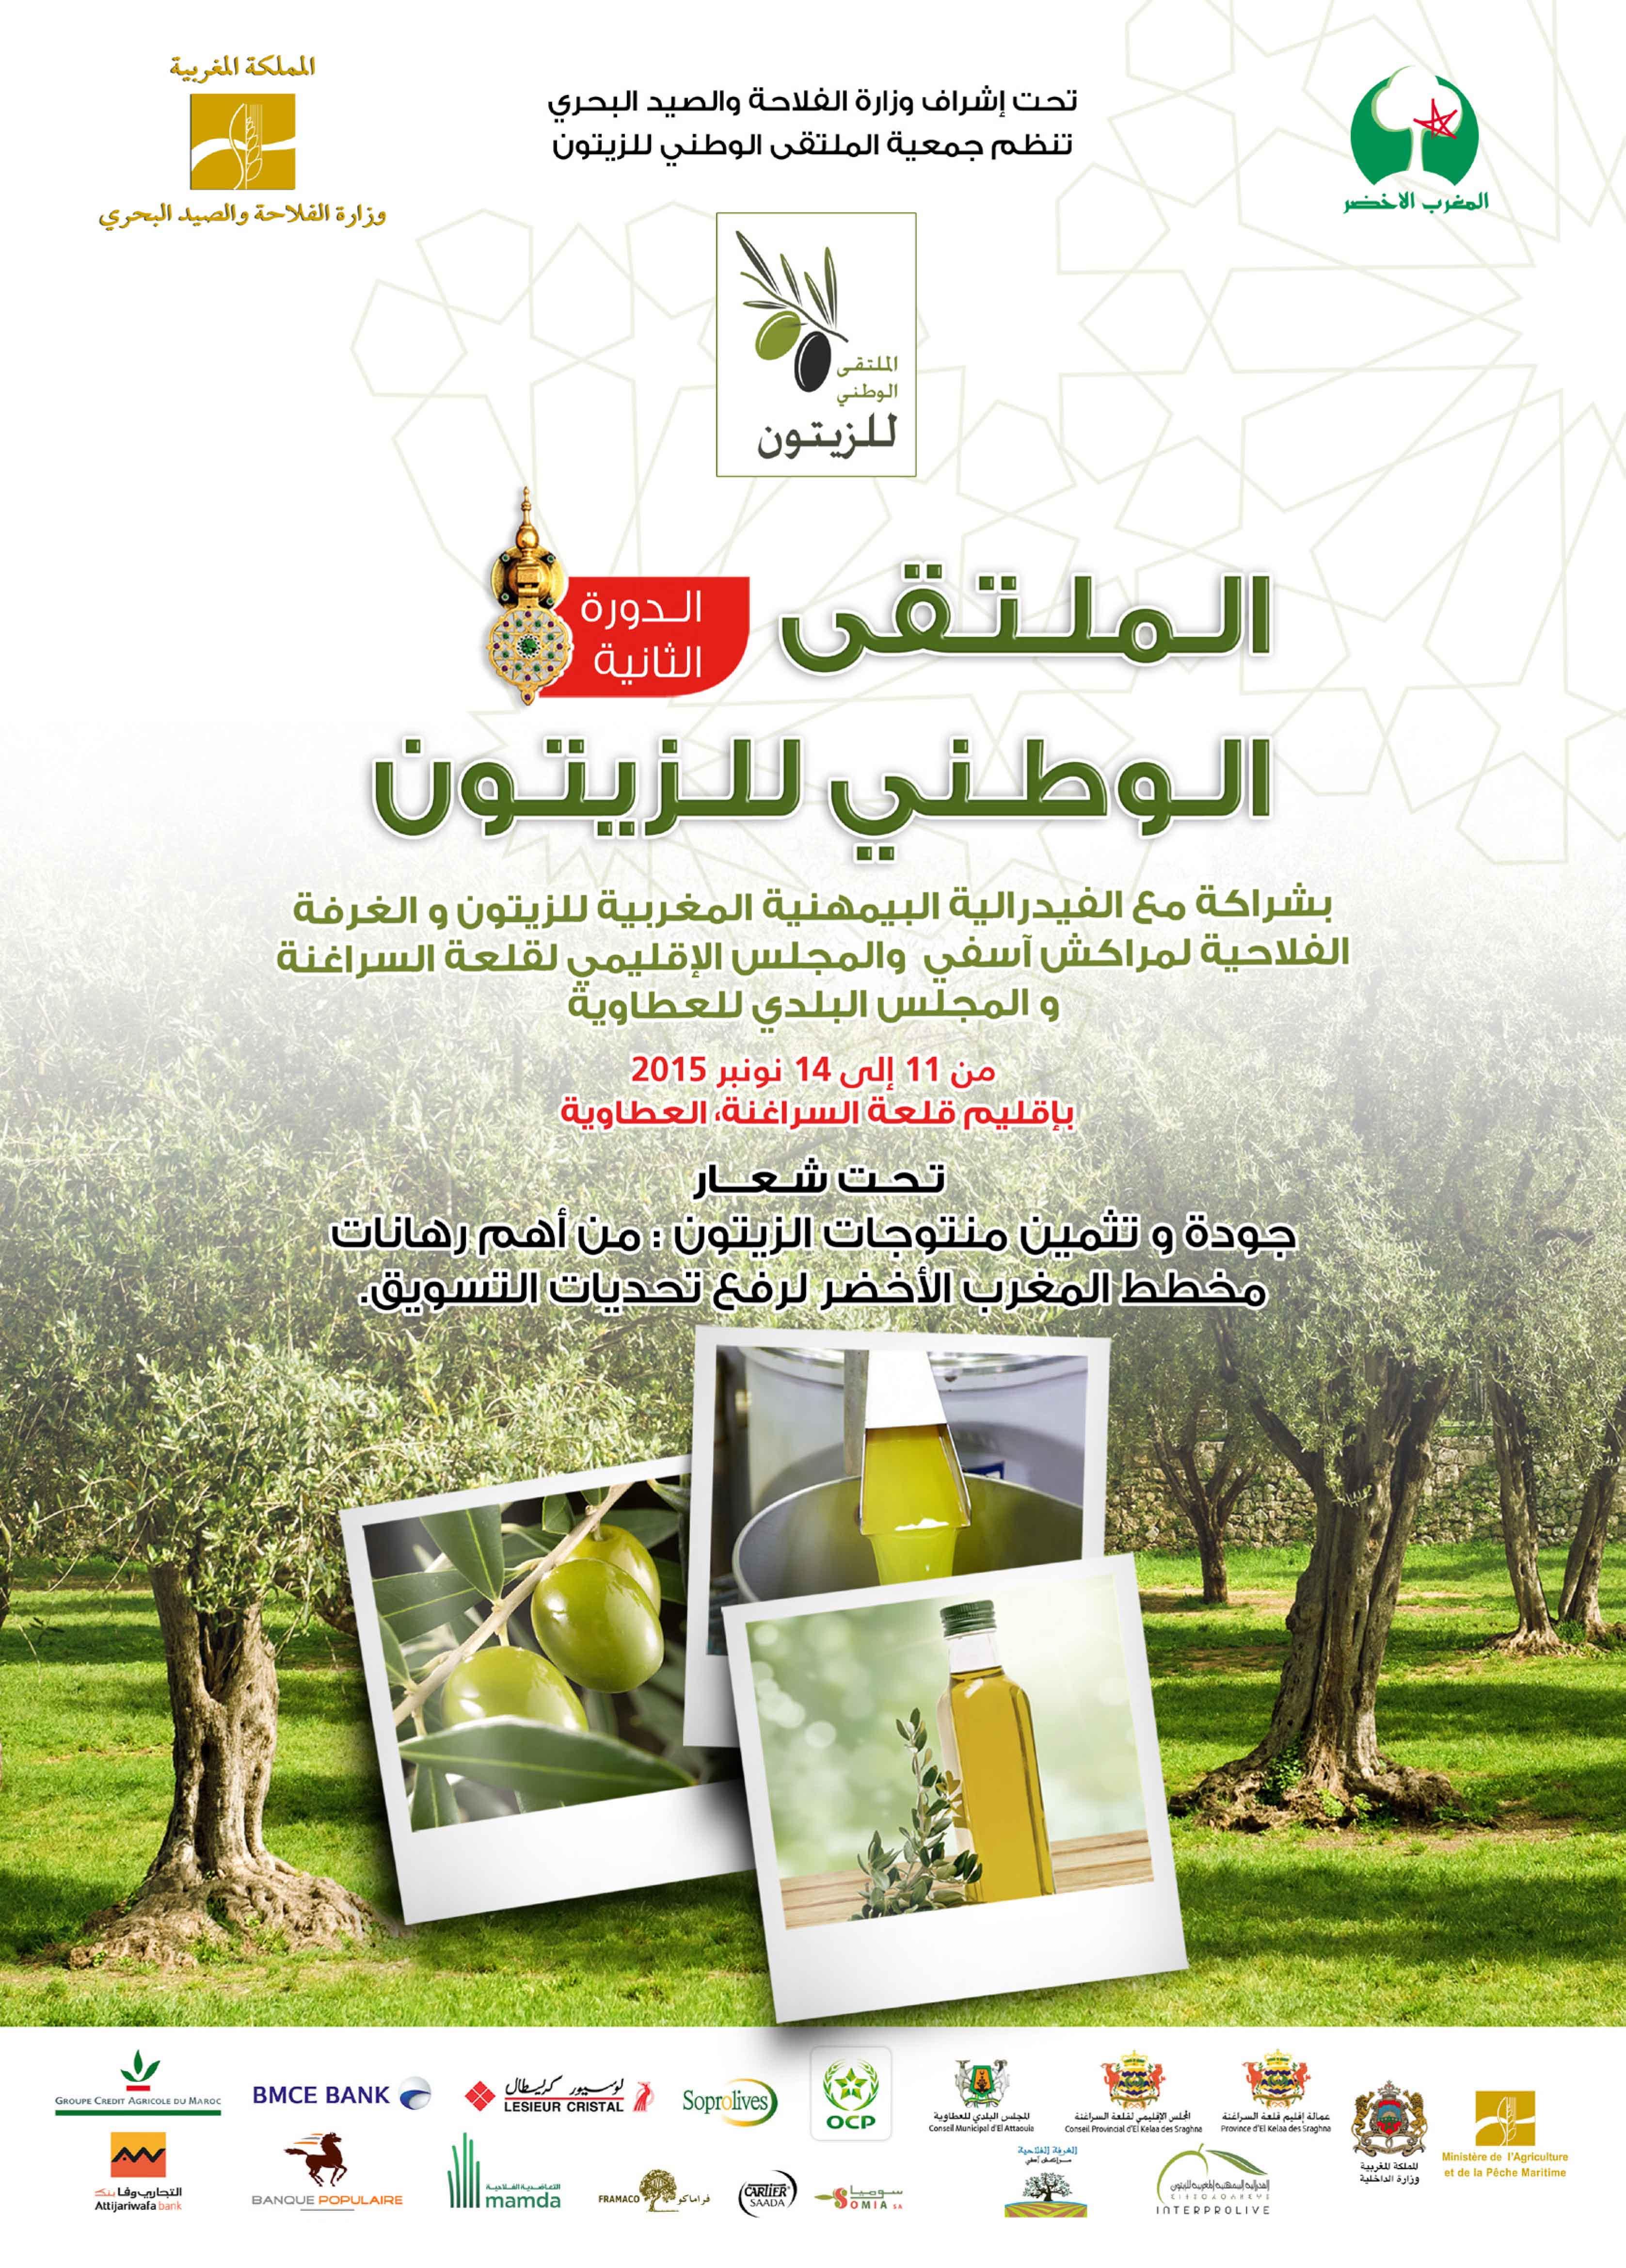 الدعوة الى النهوض بالهيأة المهنية لمنتجي الزيتون باعتبارها رافعة لتحقيق الجودة و التسويق.